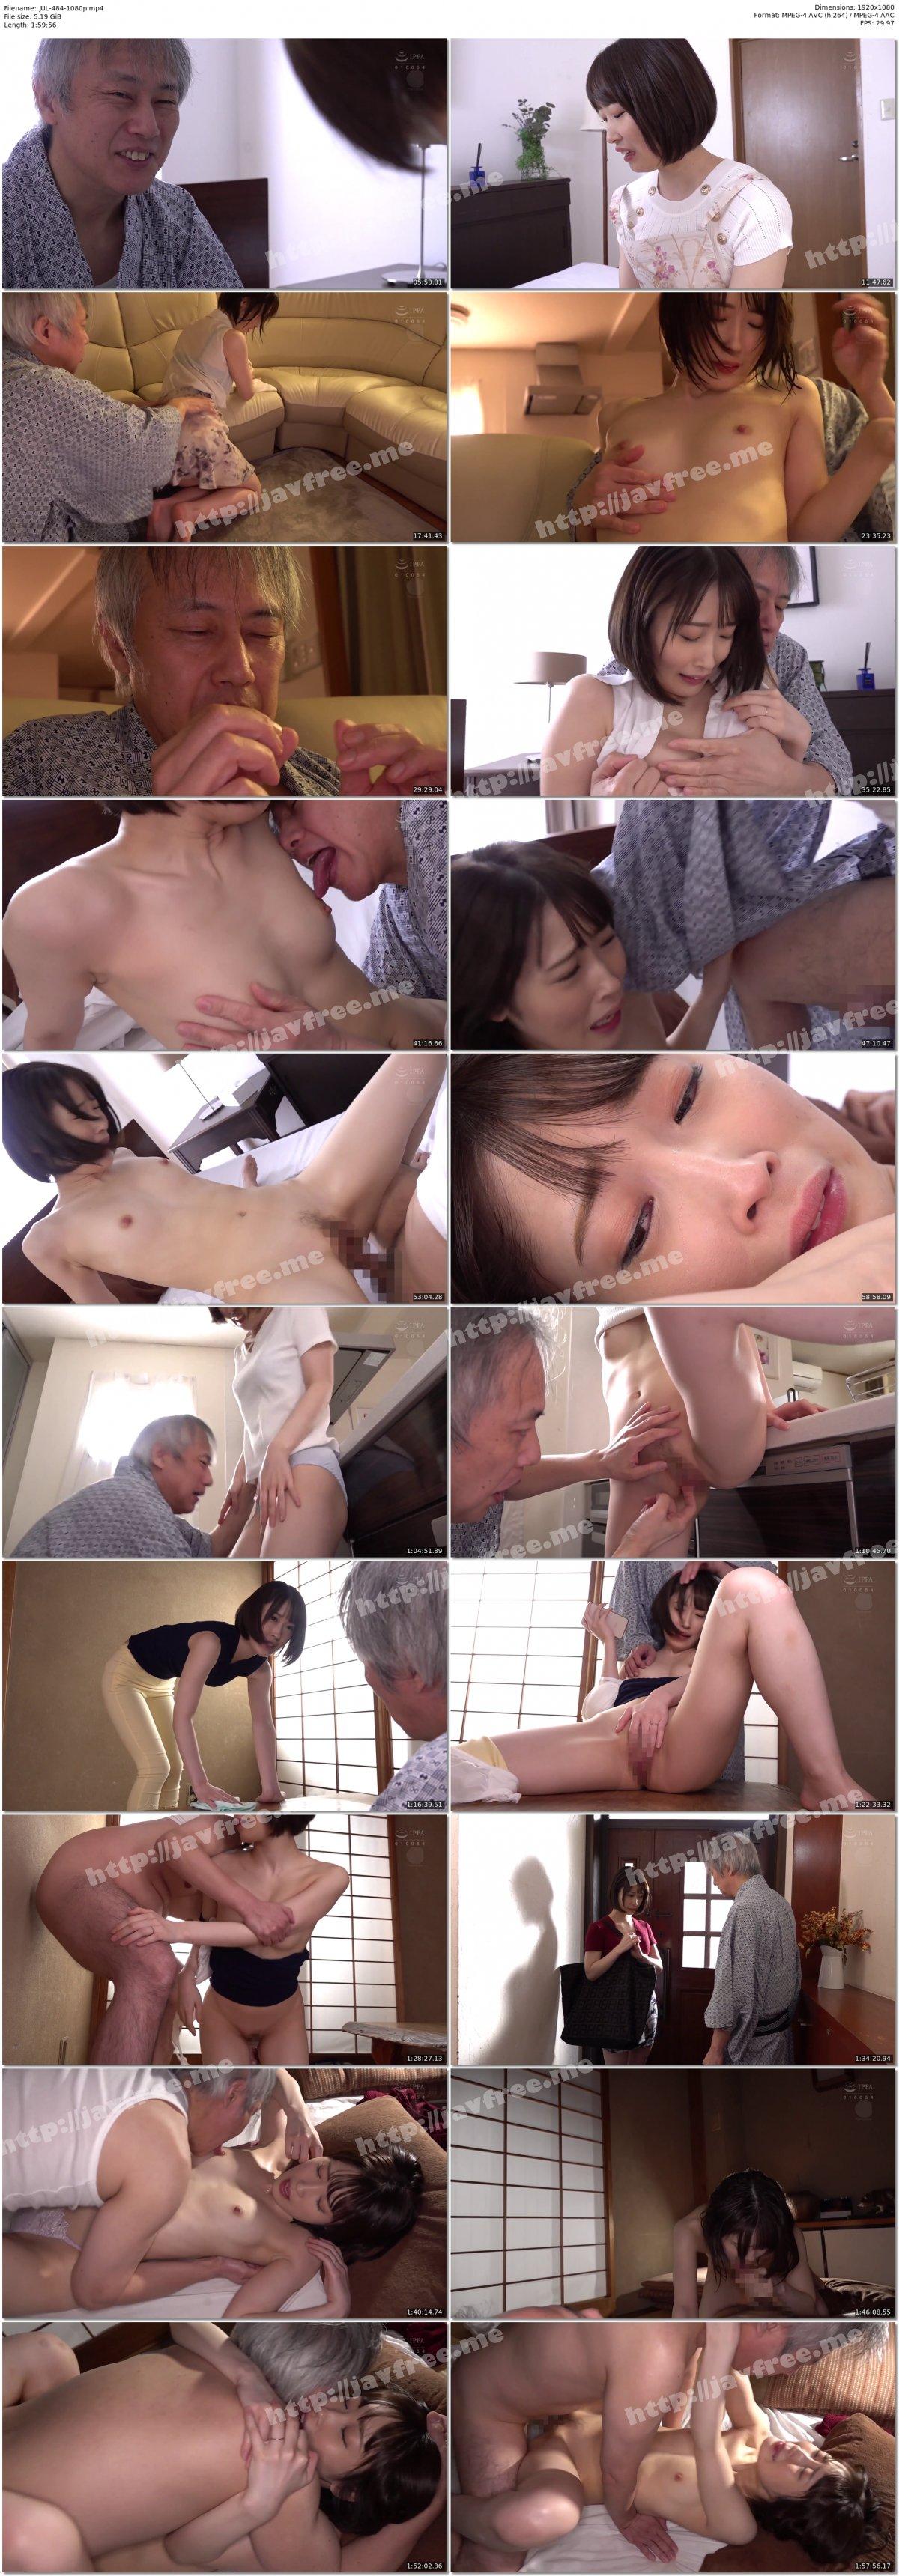 [HD][JUL-484] 中年オヤジに乳首だけで何度も絶頂する早漏体質にさせられた介護人妻 天然かのん - image JUL-484-1080p on https://javfree.me